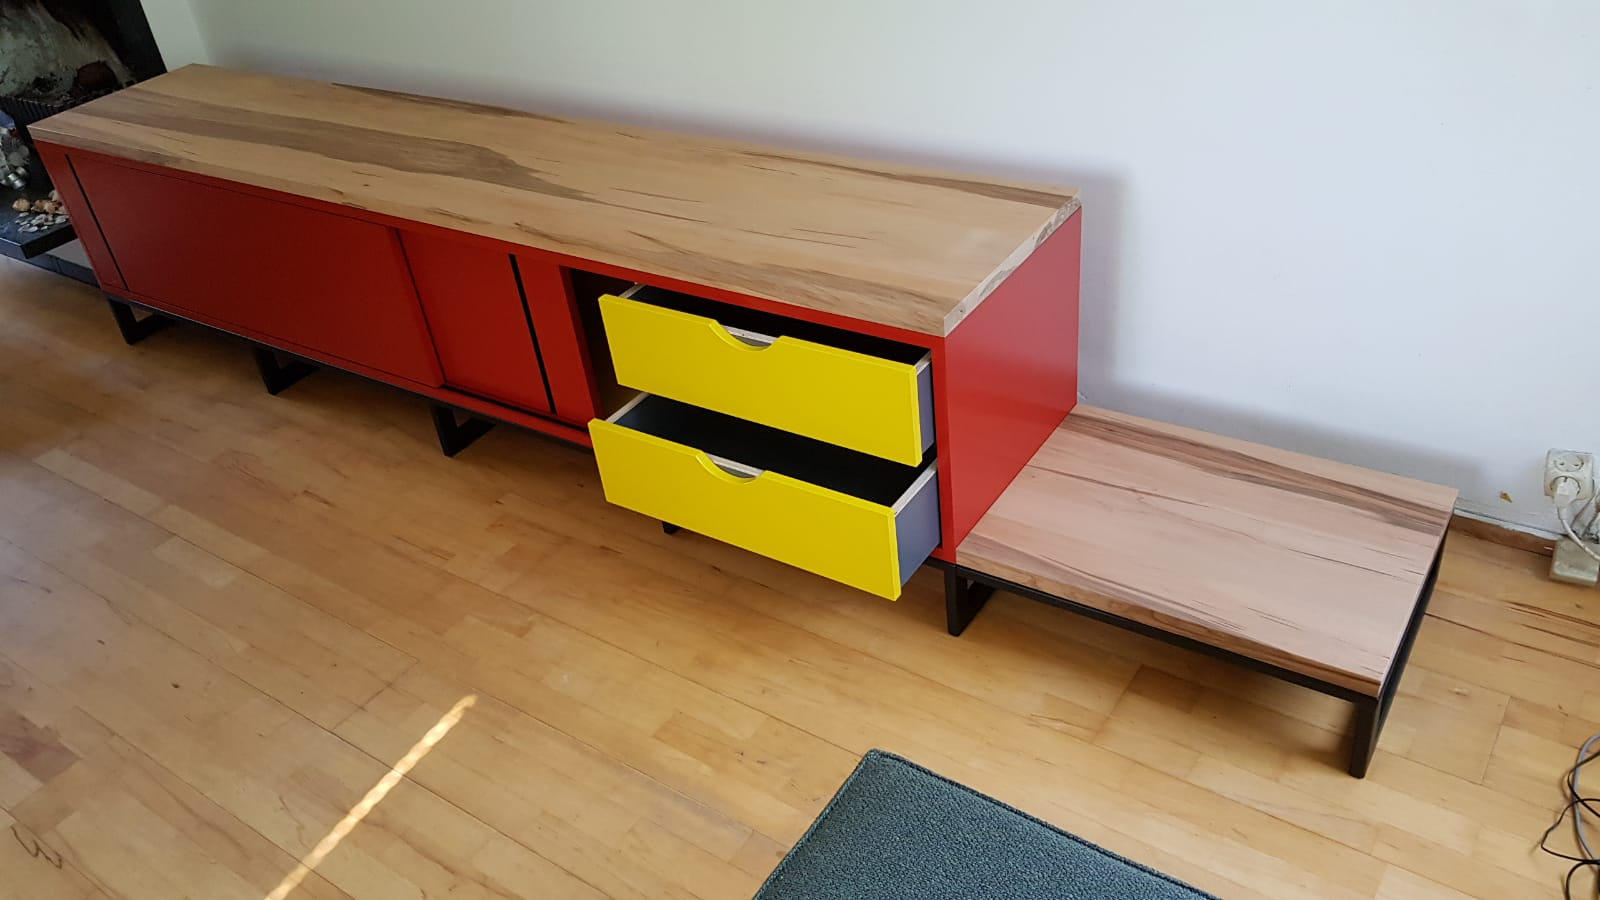 meubels spuiten